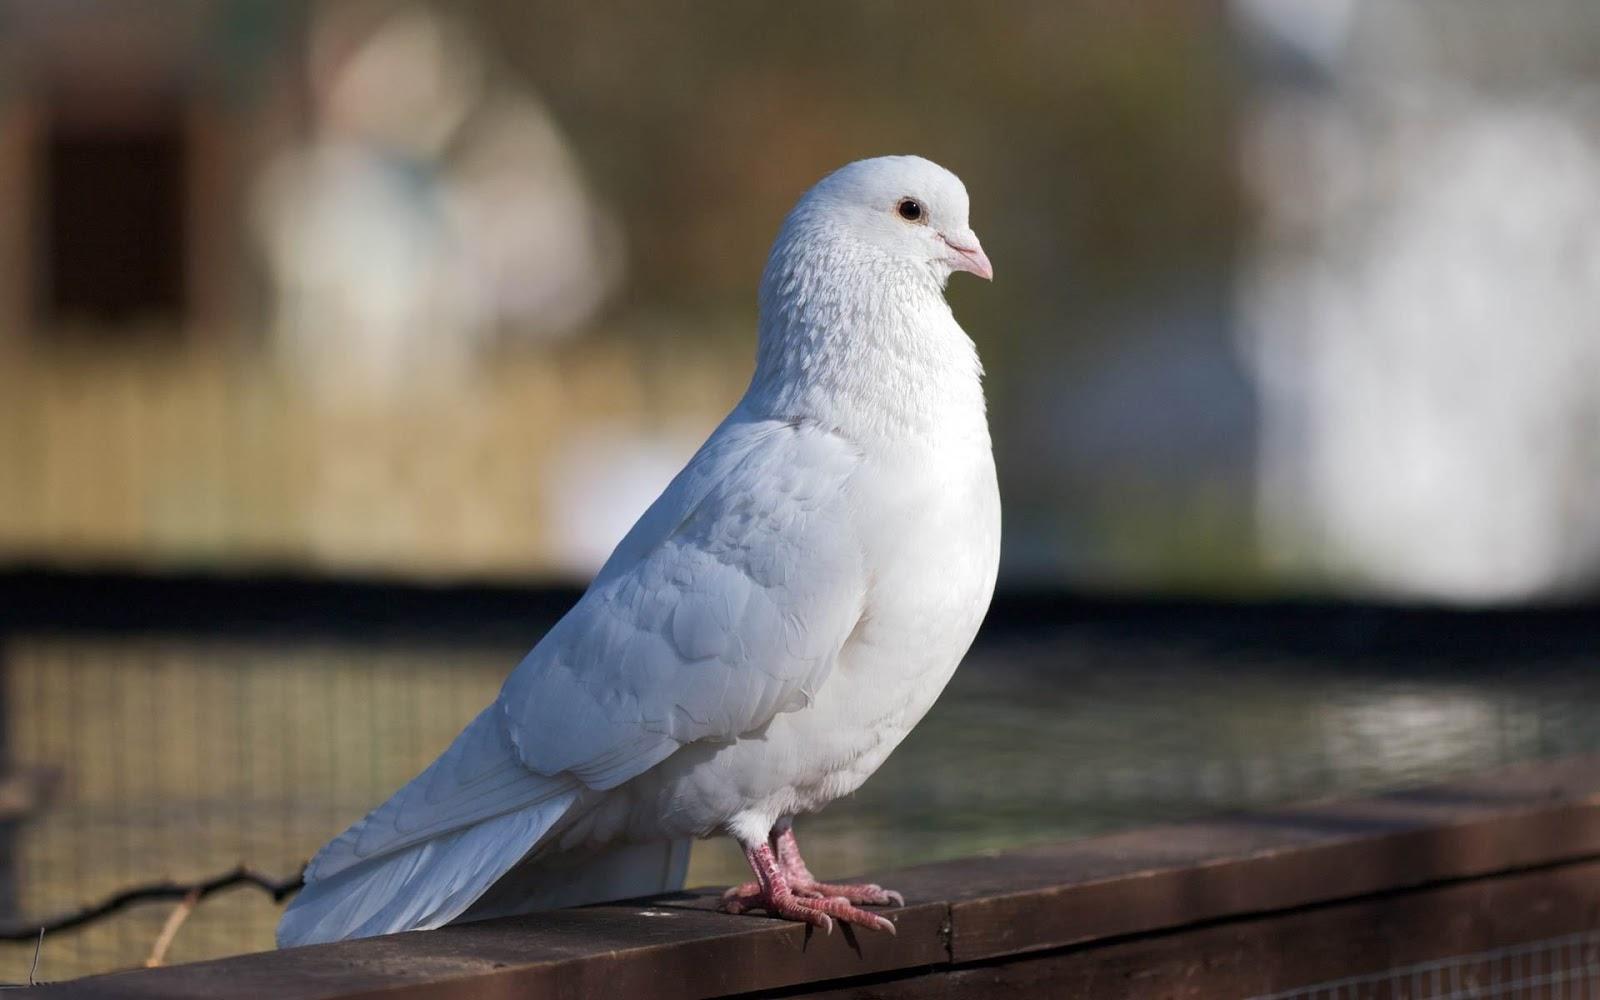 una linda paloma de color blanco las palomas blancas son el símbolo ...